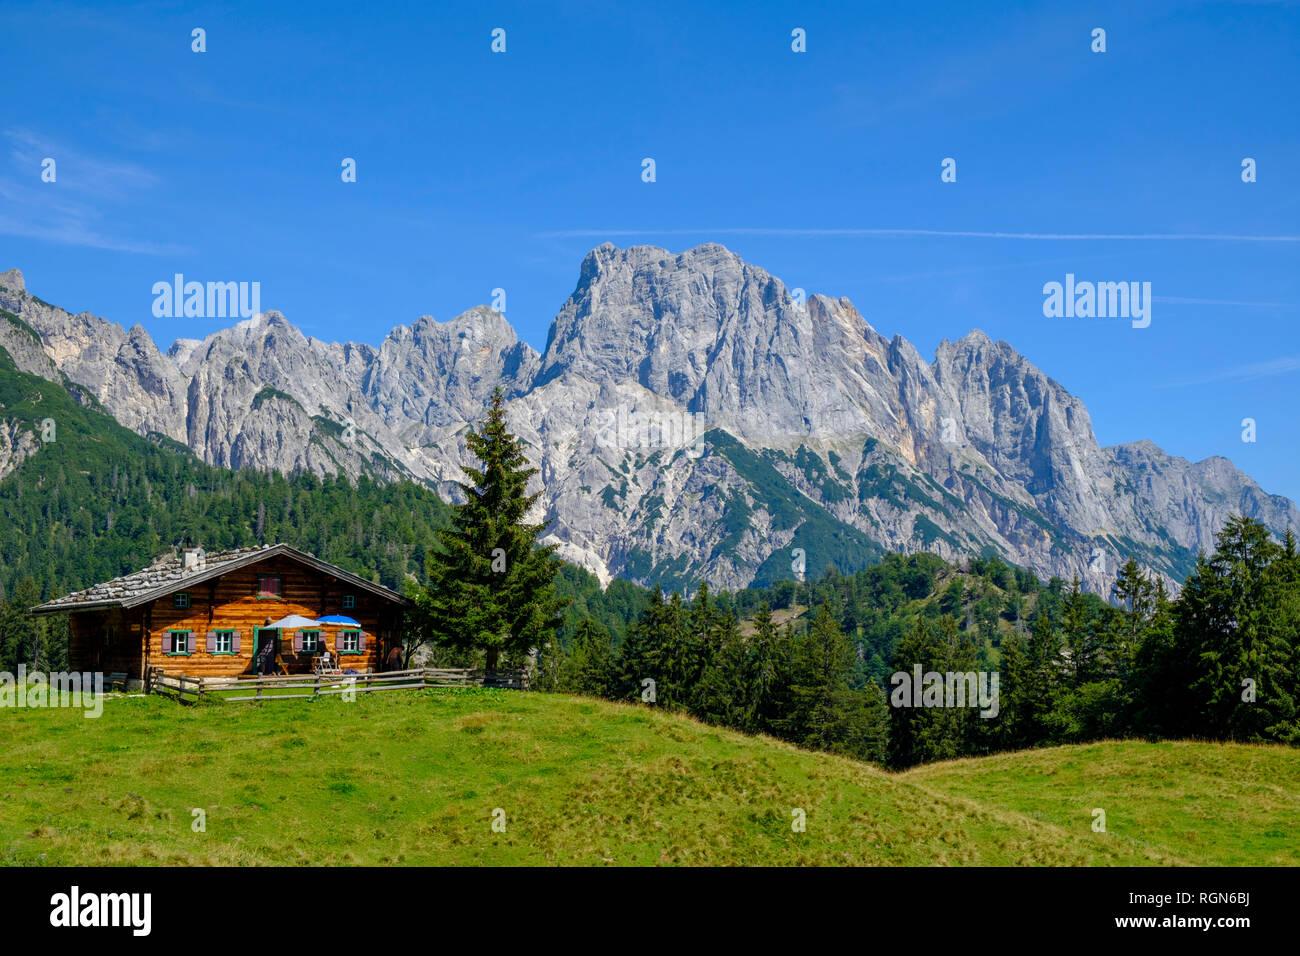 Österreich, Salzburg, Pinzgau, großen Muehlsturzhorn, Litzlalm, Gramlerkaser Mountain Inn Stockbild